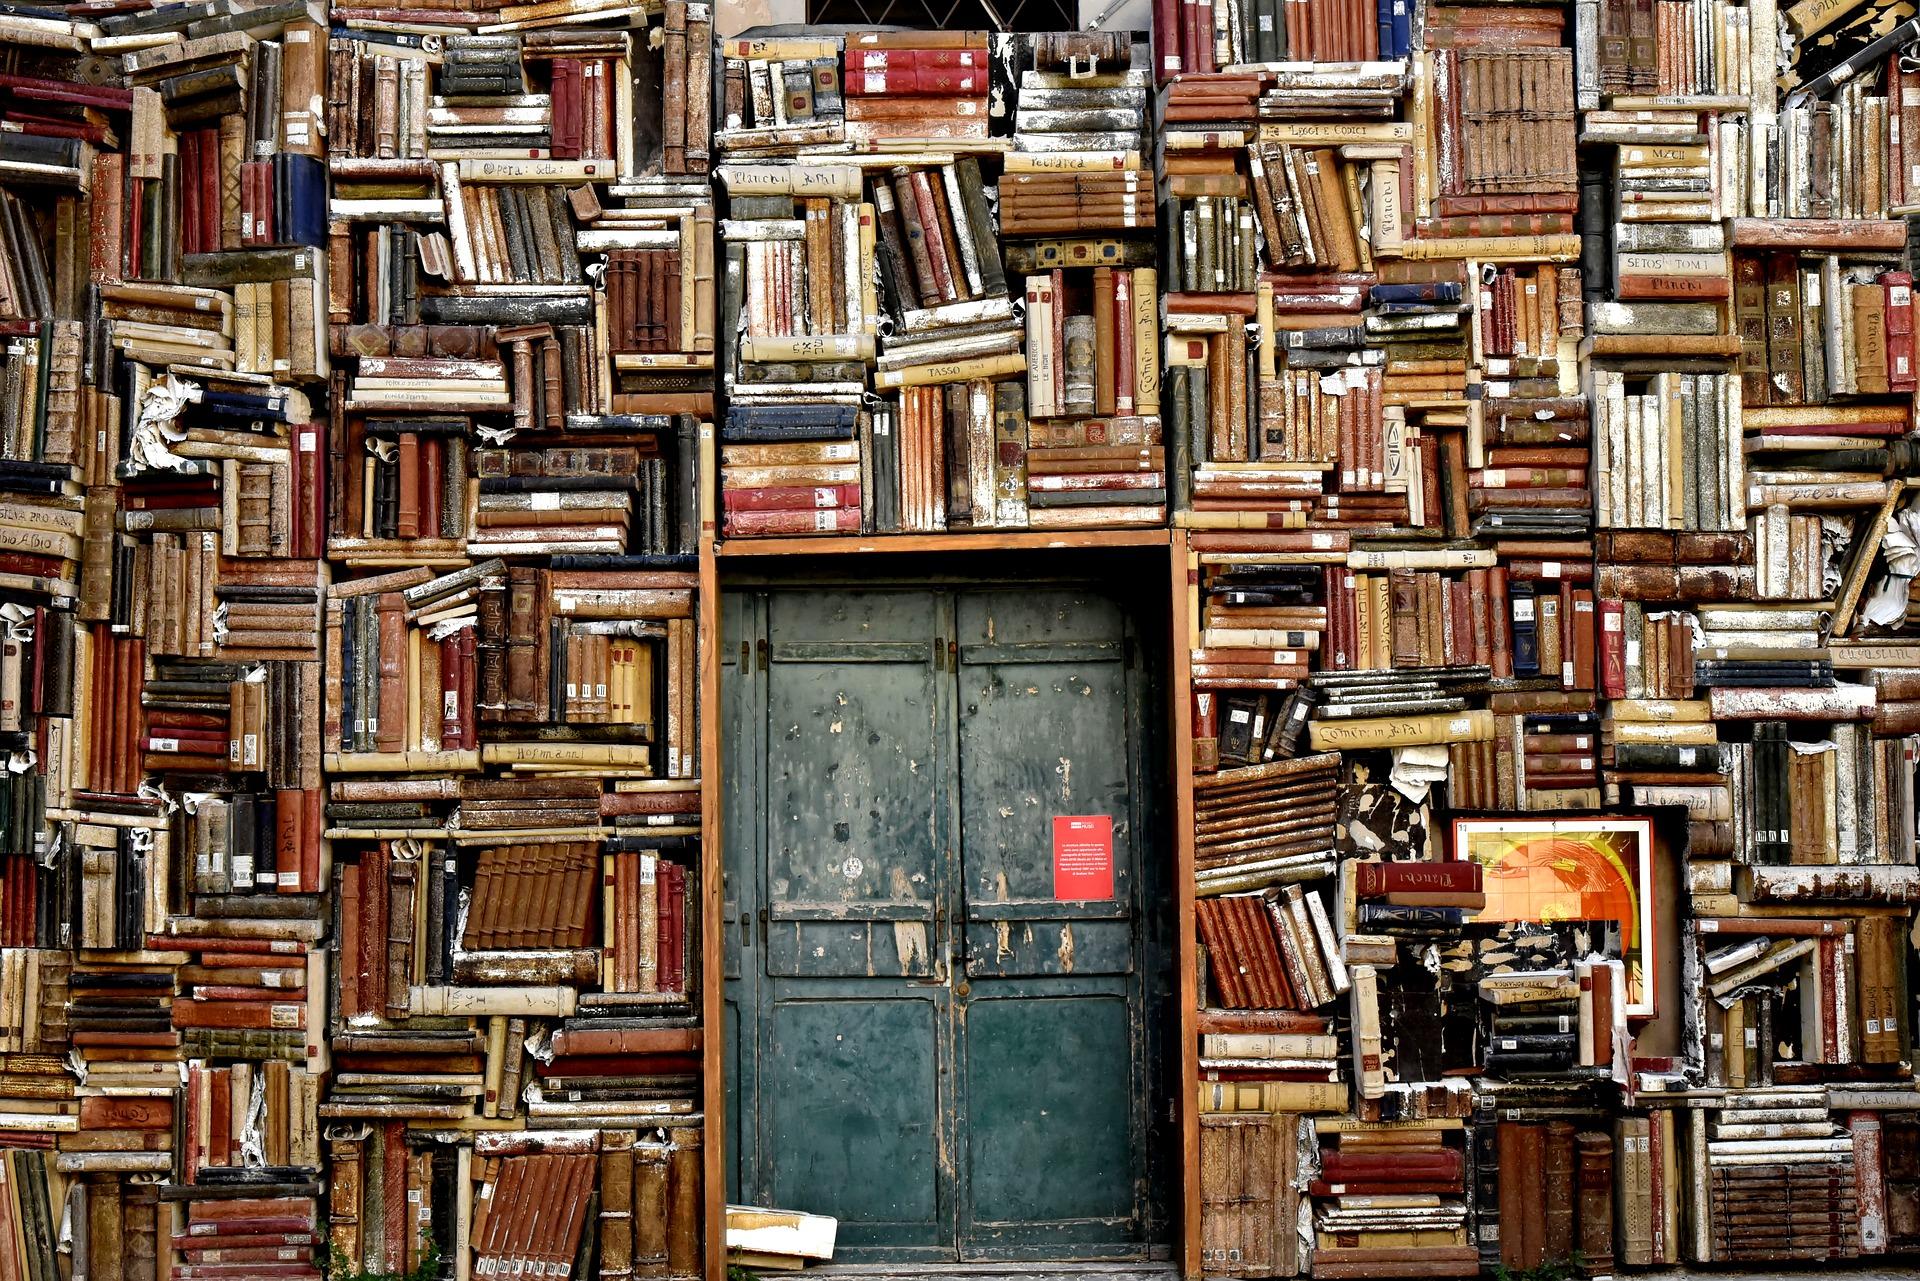 książki, które poszerzają horyzonty